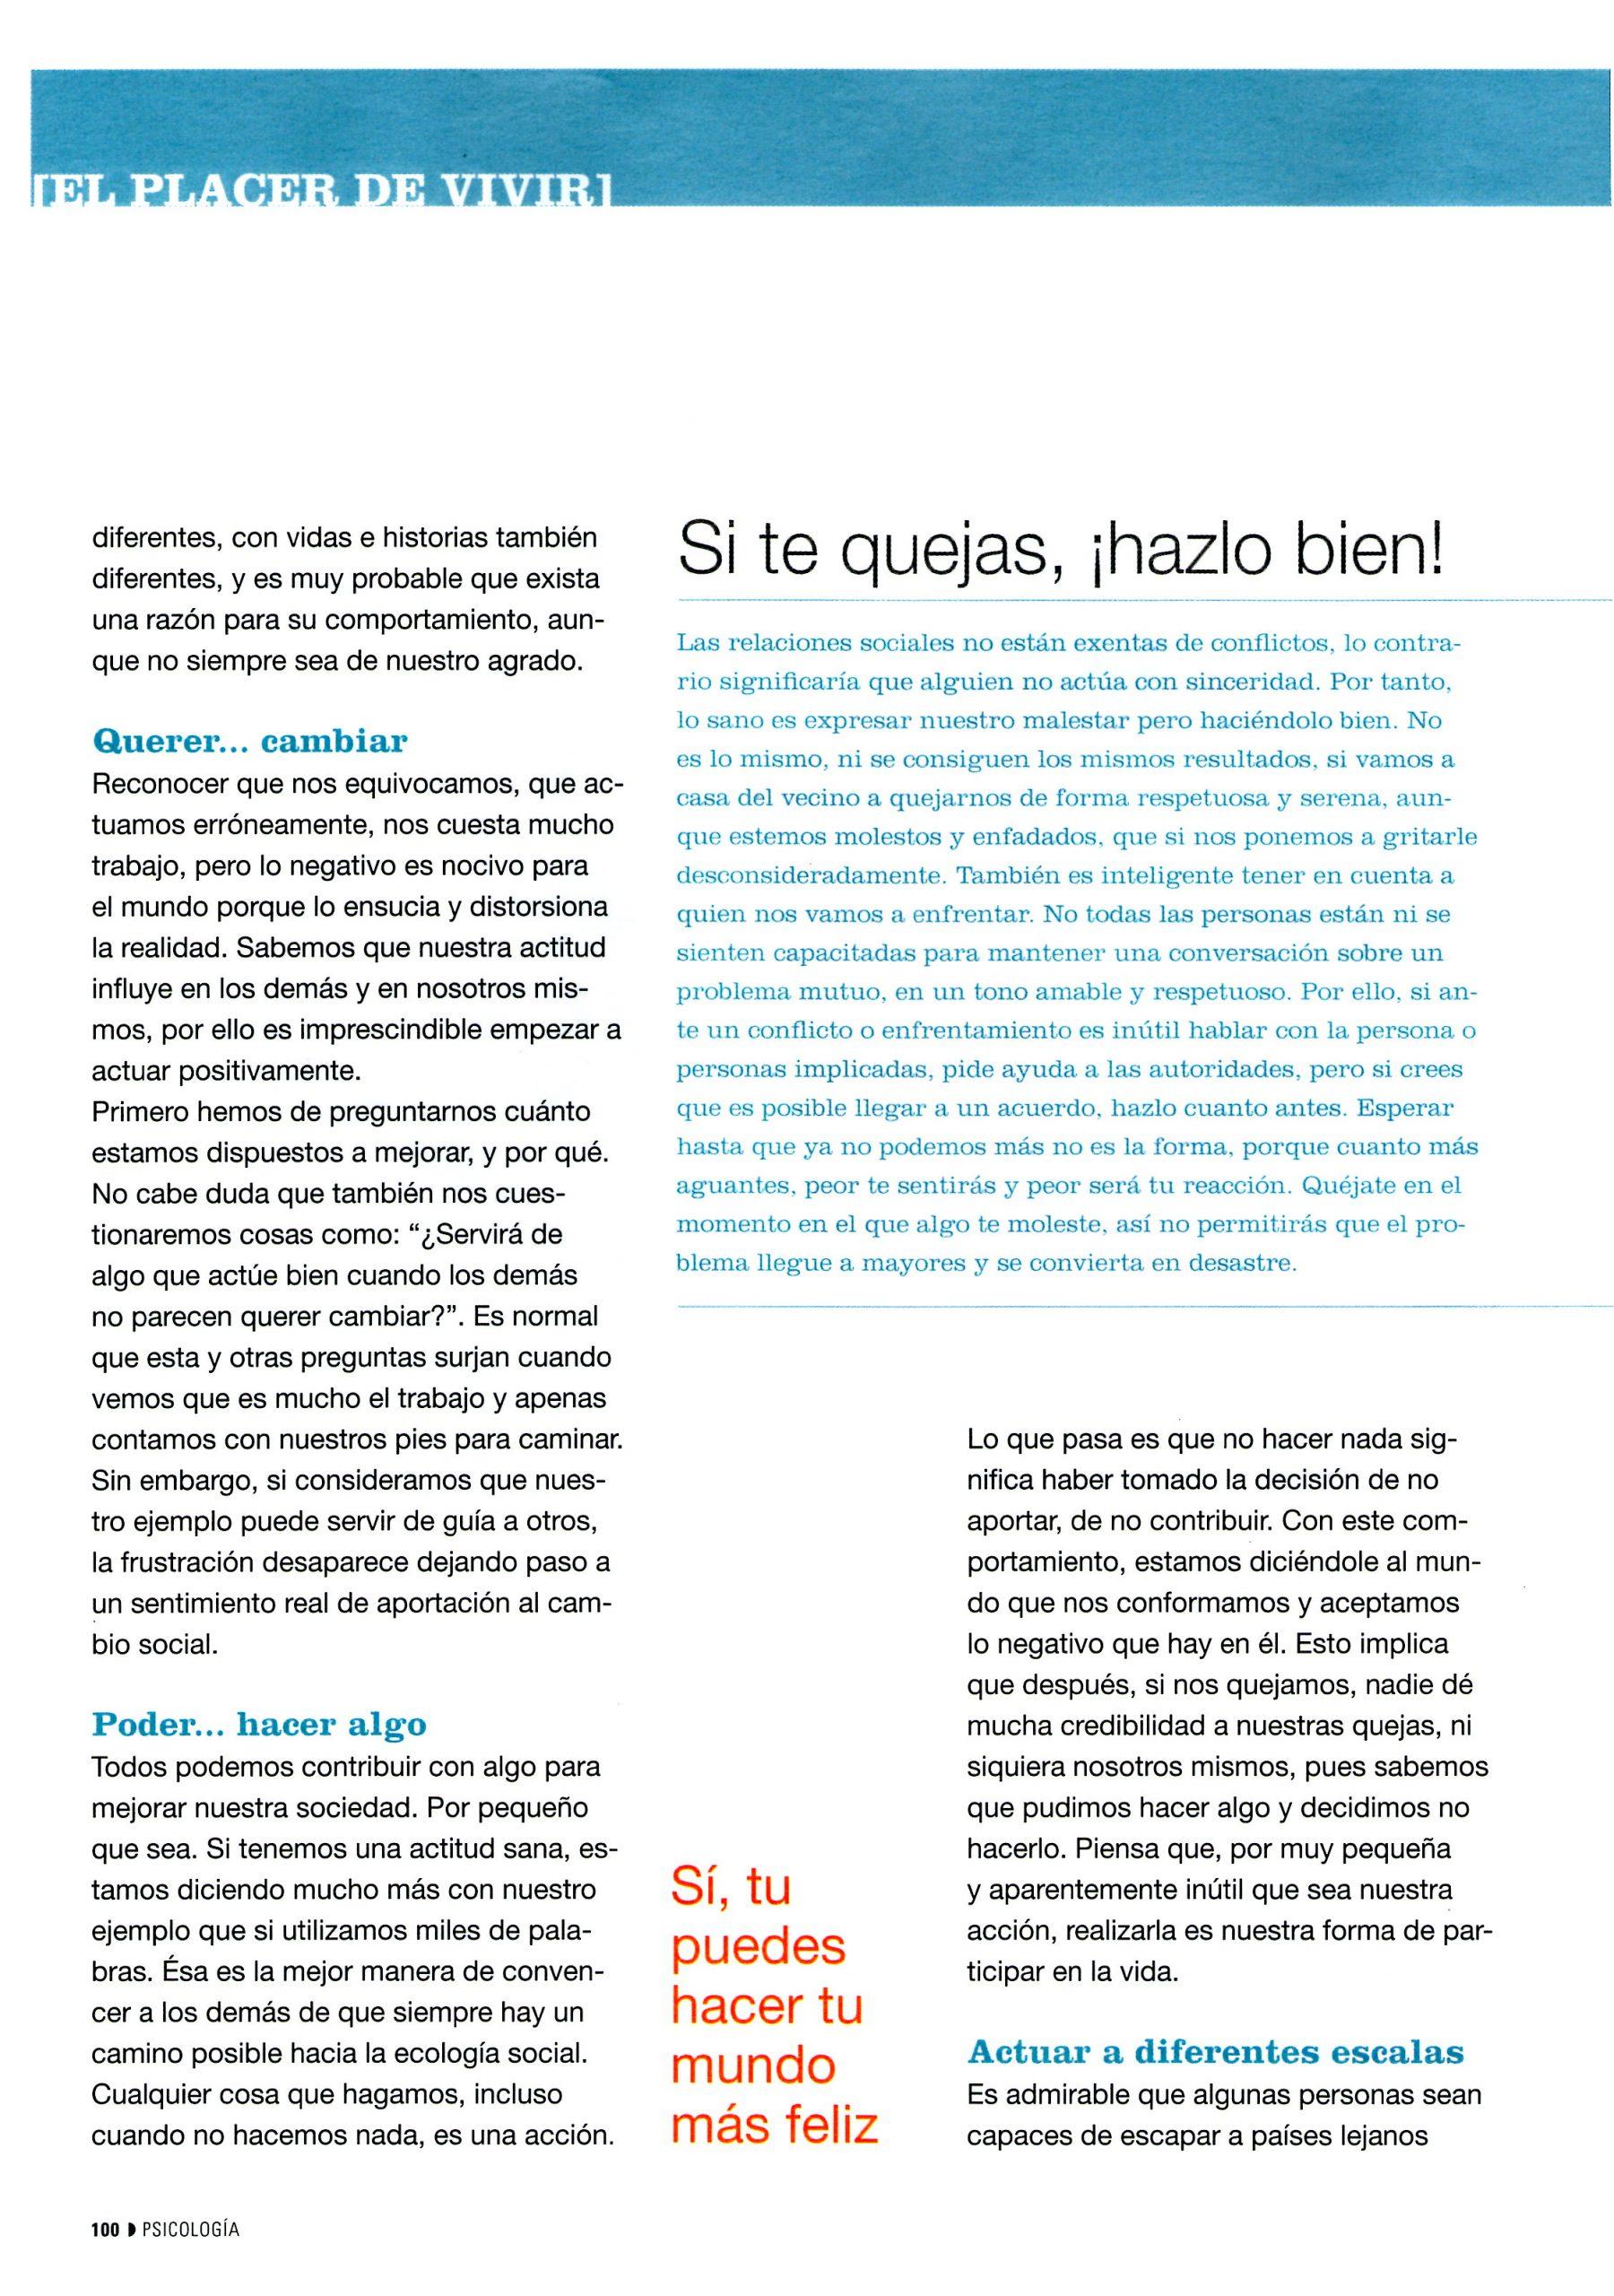 ESCRIBIR-PARA-CONOCERTE-MEJOR-pag-3-PSICOLOGÍA-PRÁCTICA-2-2008-Mar-Cantero-Sánchez